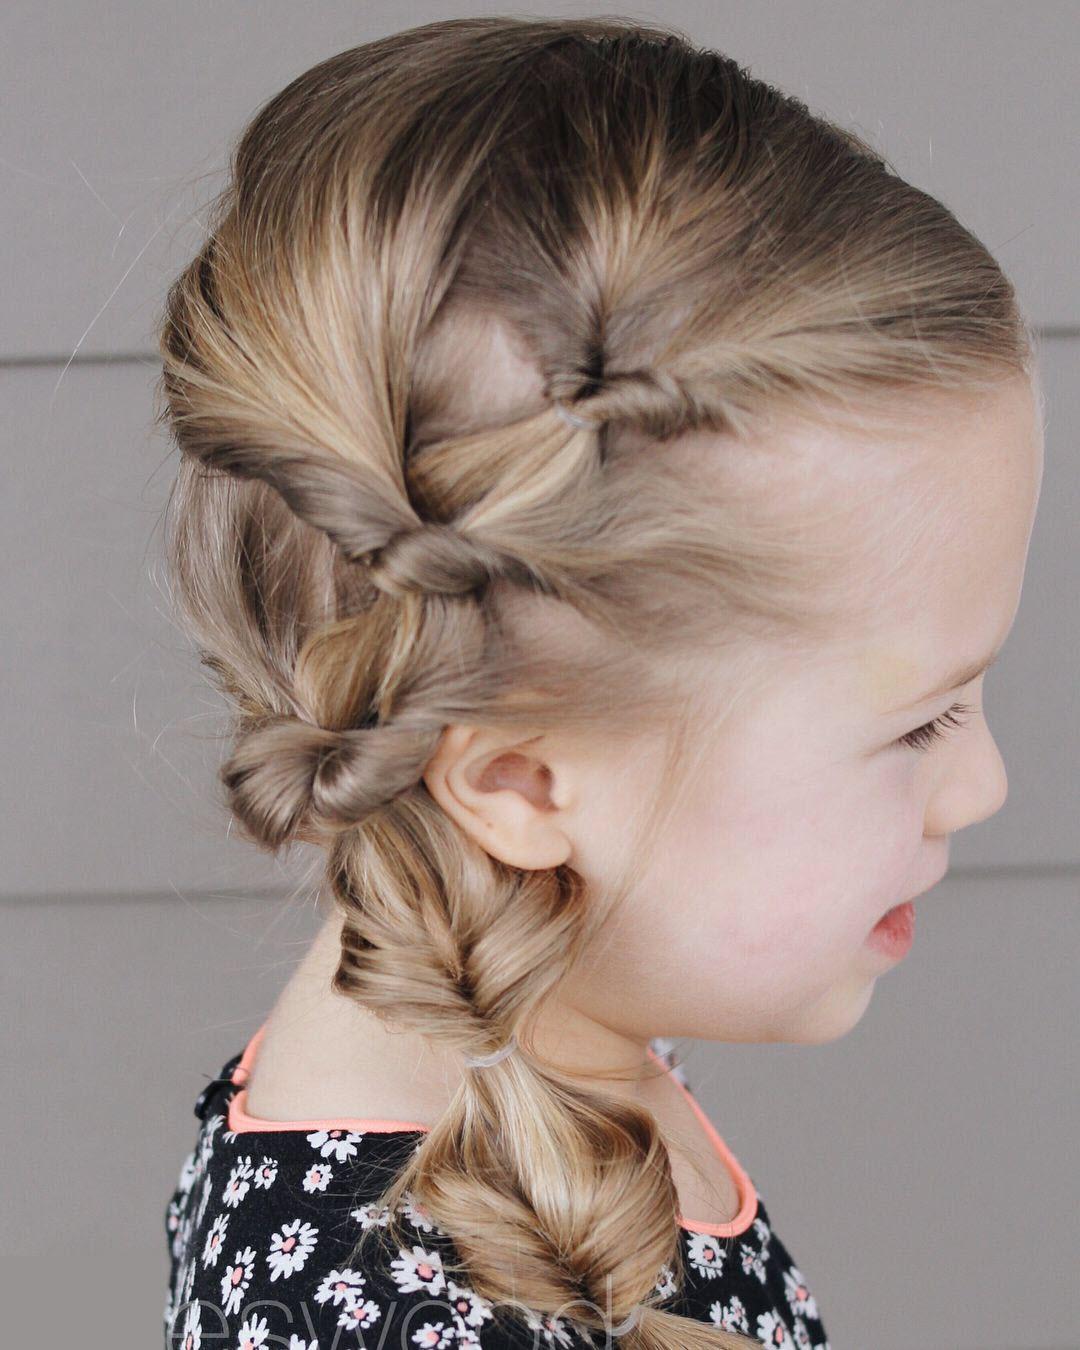 Kiểu buộc tóc lệch đẹp cho bé gái